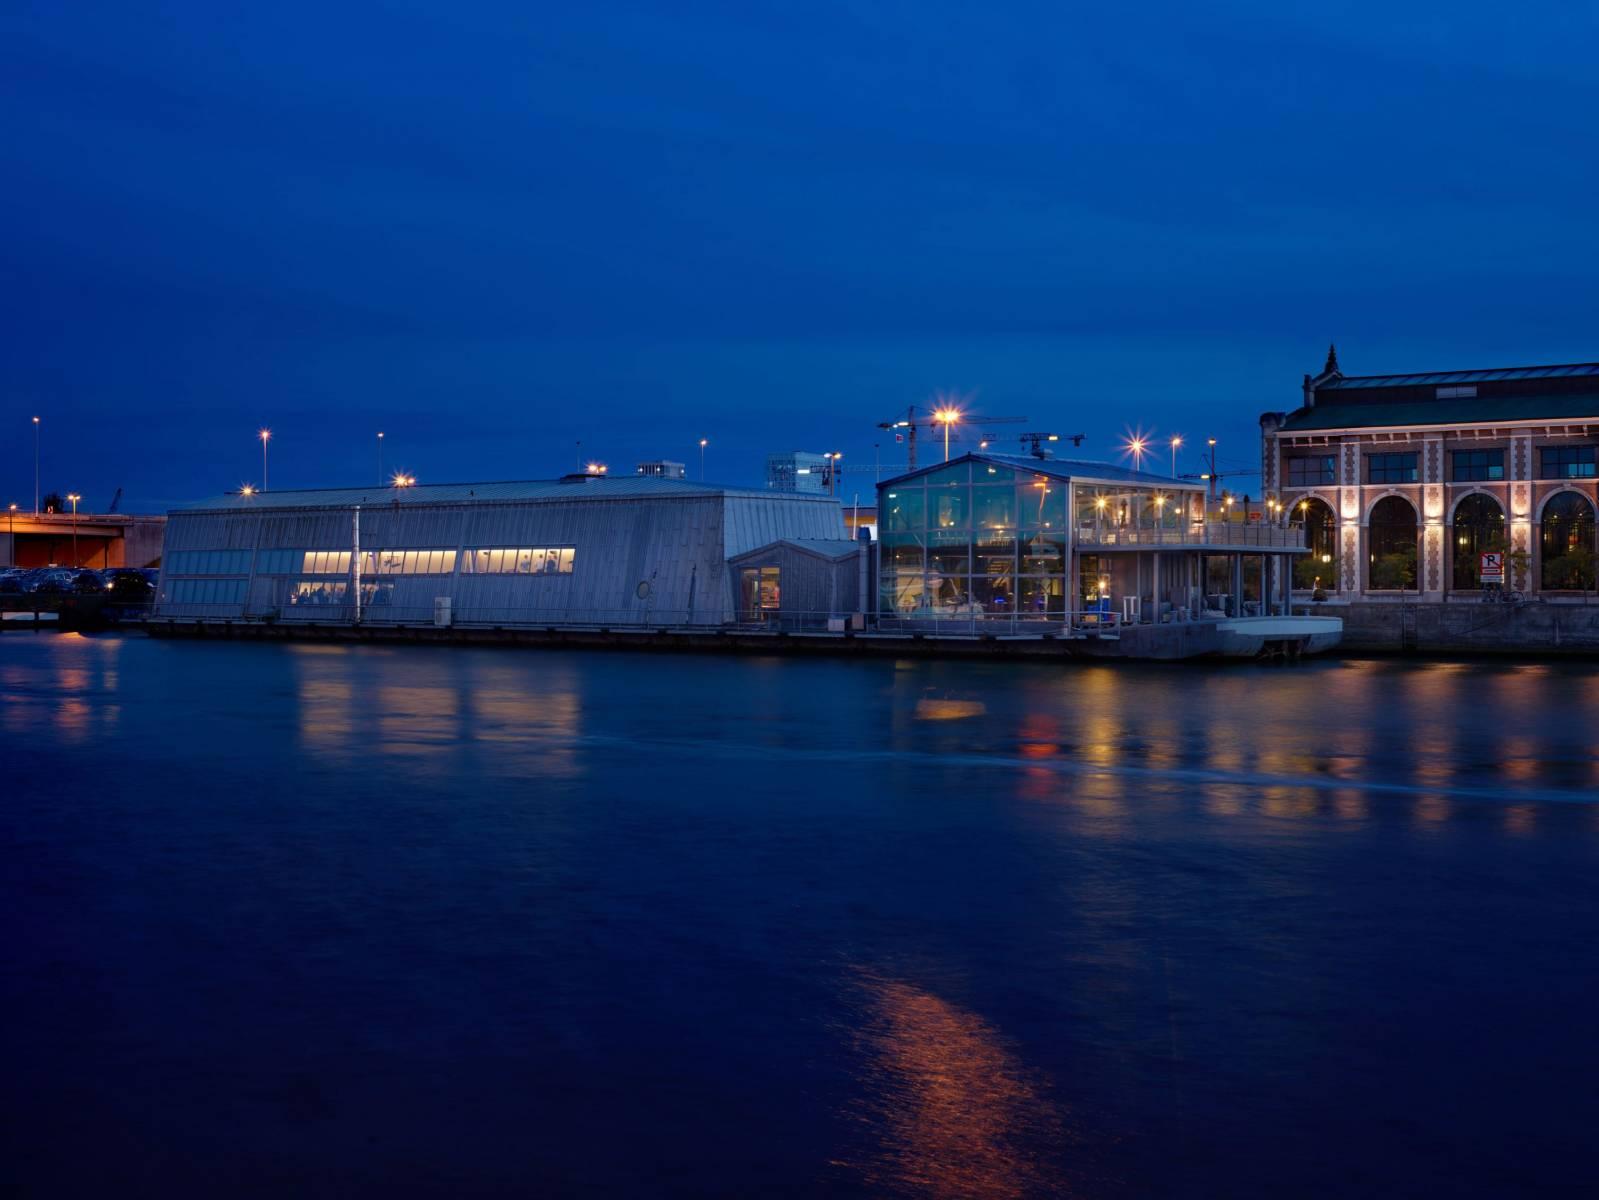 De Ark - Feestzaal Antwerpen - Trouwzaal - House of Weddings - 4